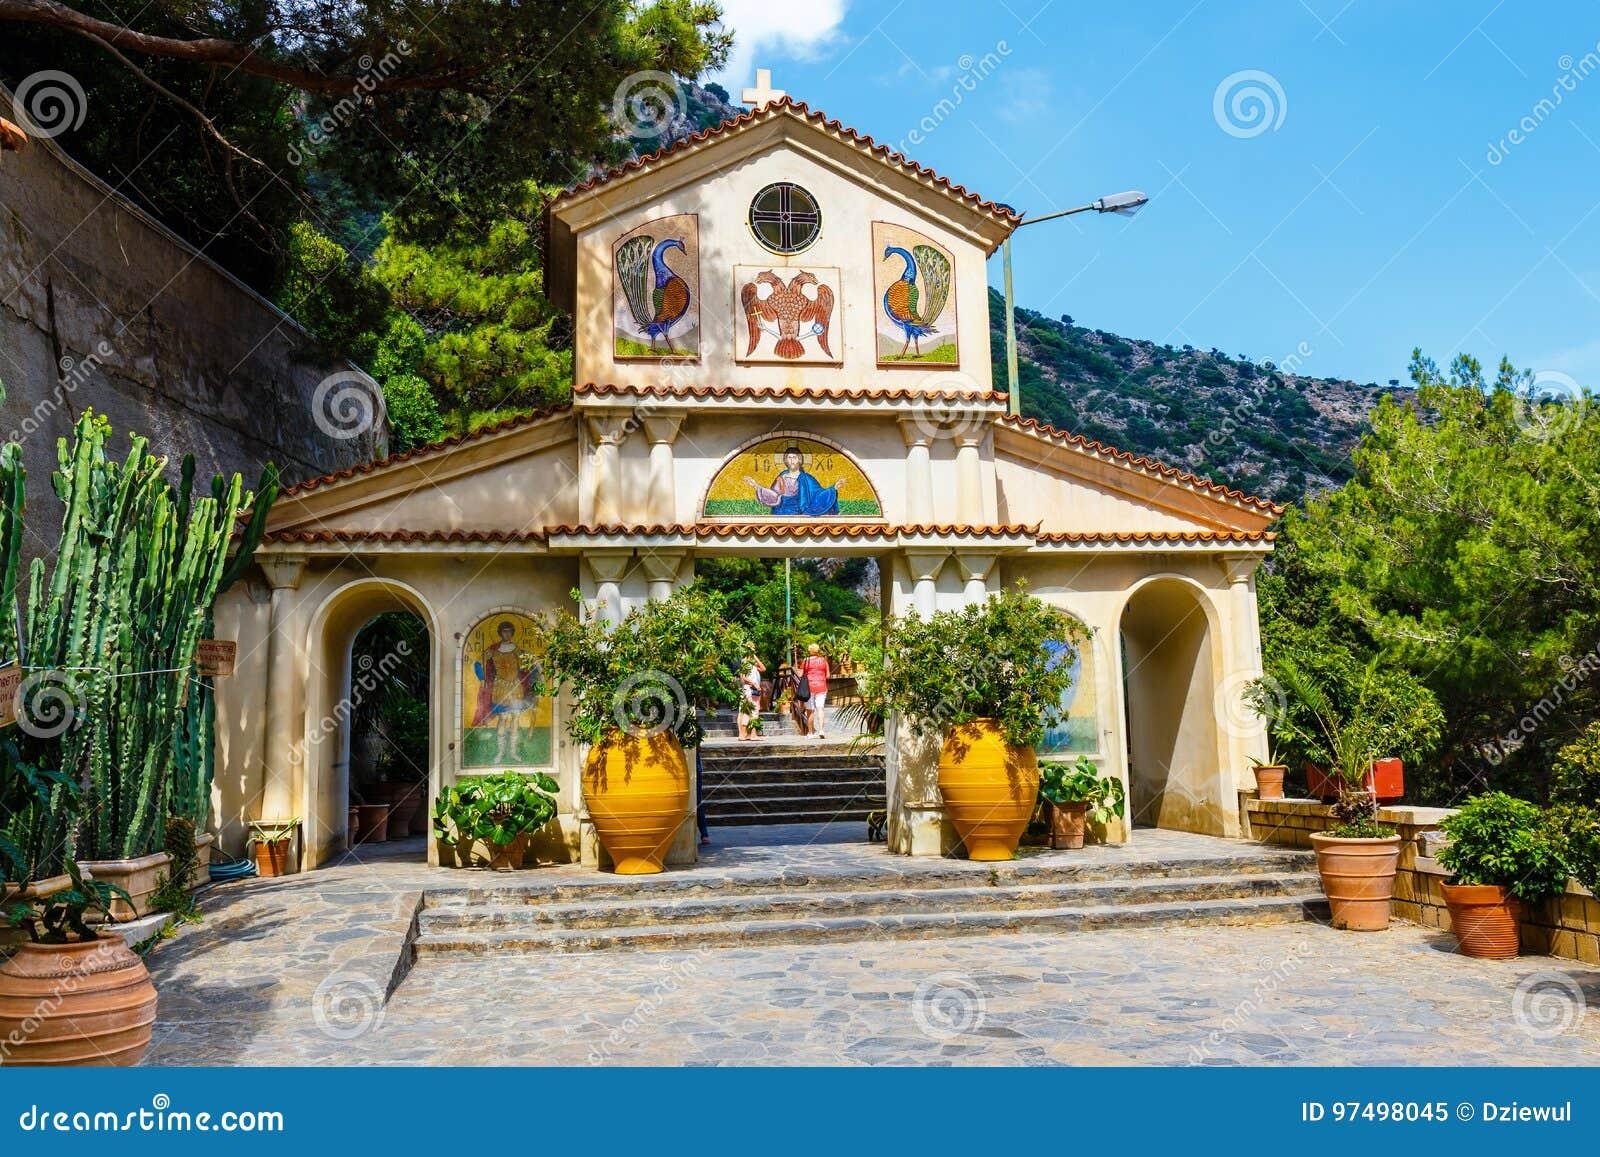 Il monastero Agios Georgios, situato nella gola di Selinari su Creta, la Grecia